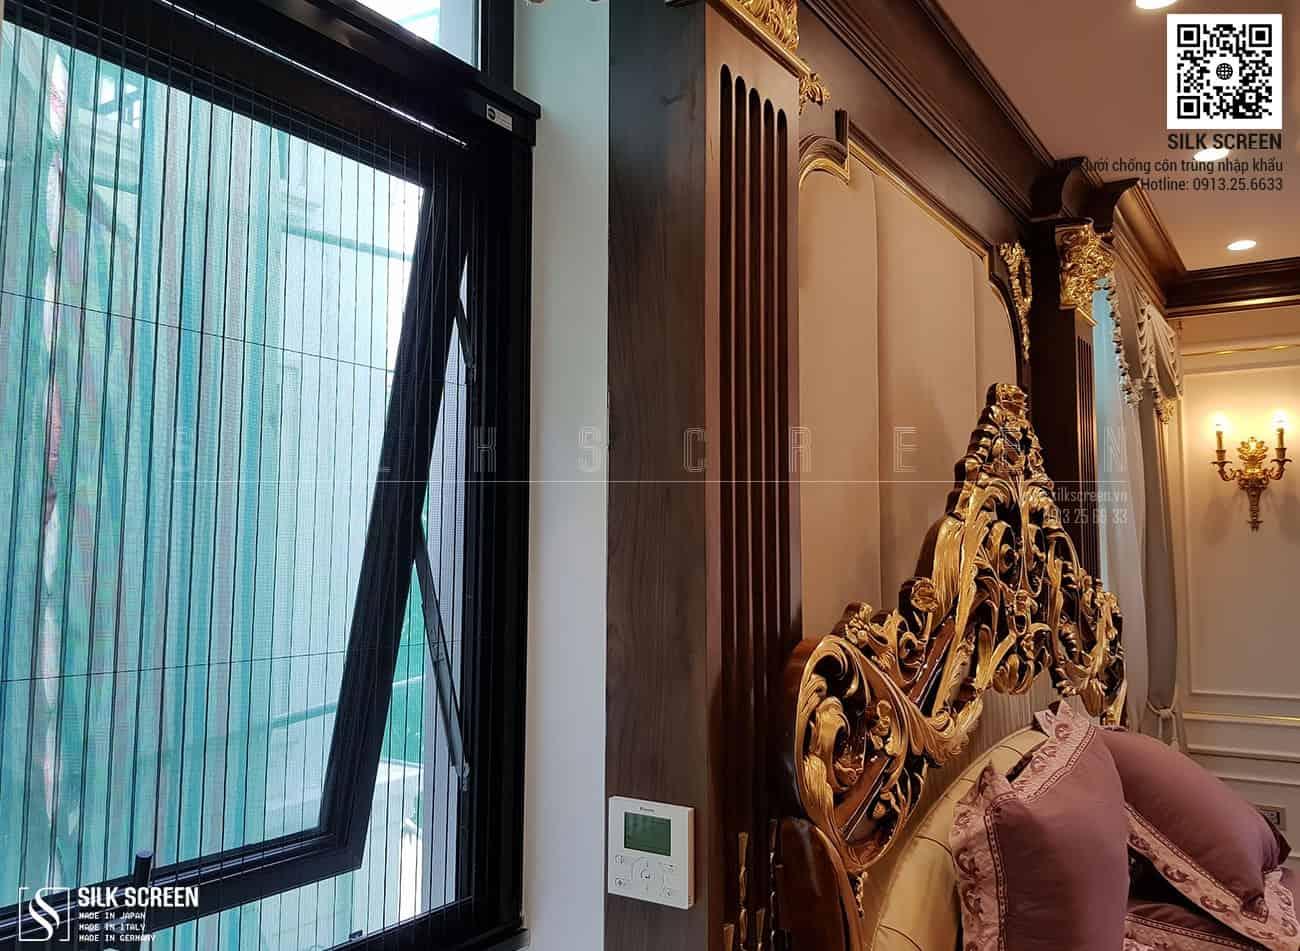 Công trình Cửa lưới chống muỗi Silk Screen tại Lâu Đài Ninh Bình